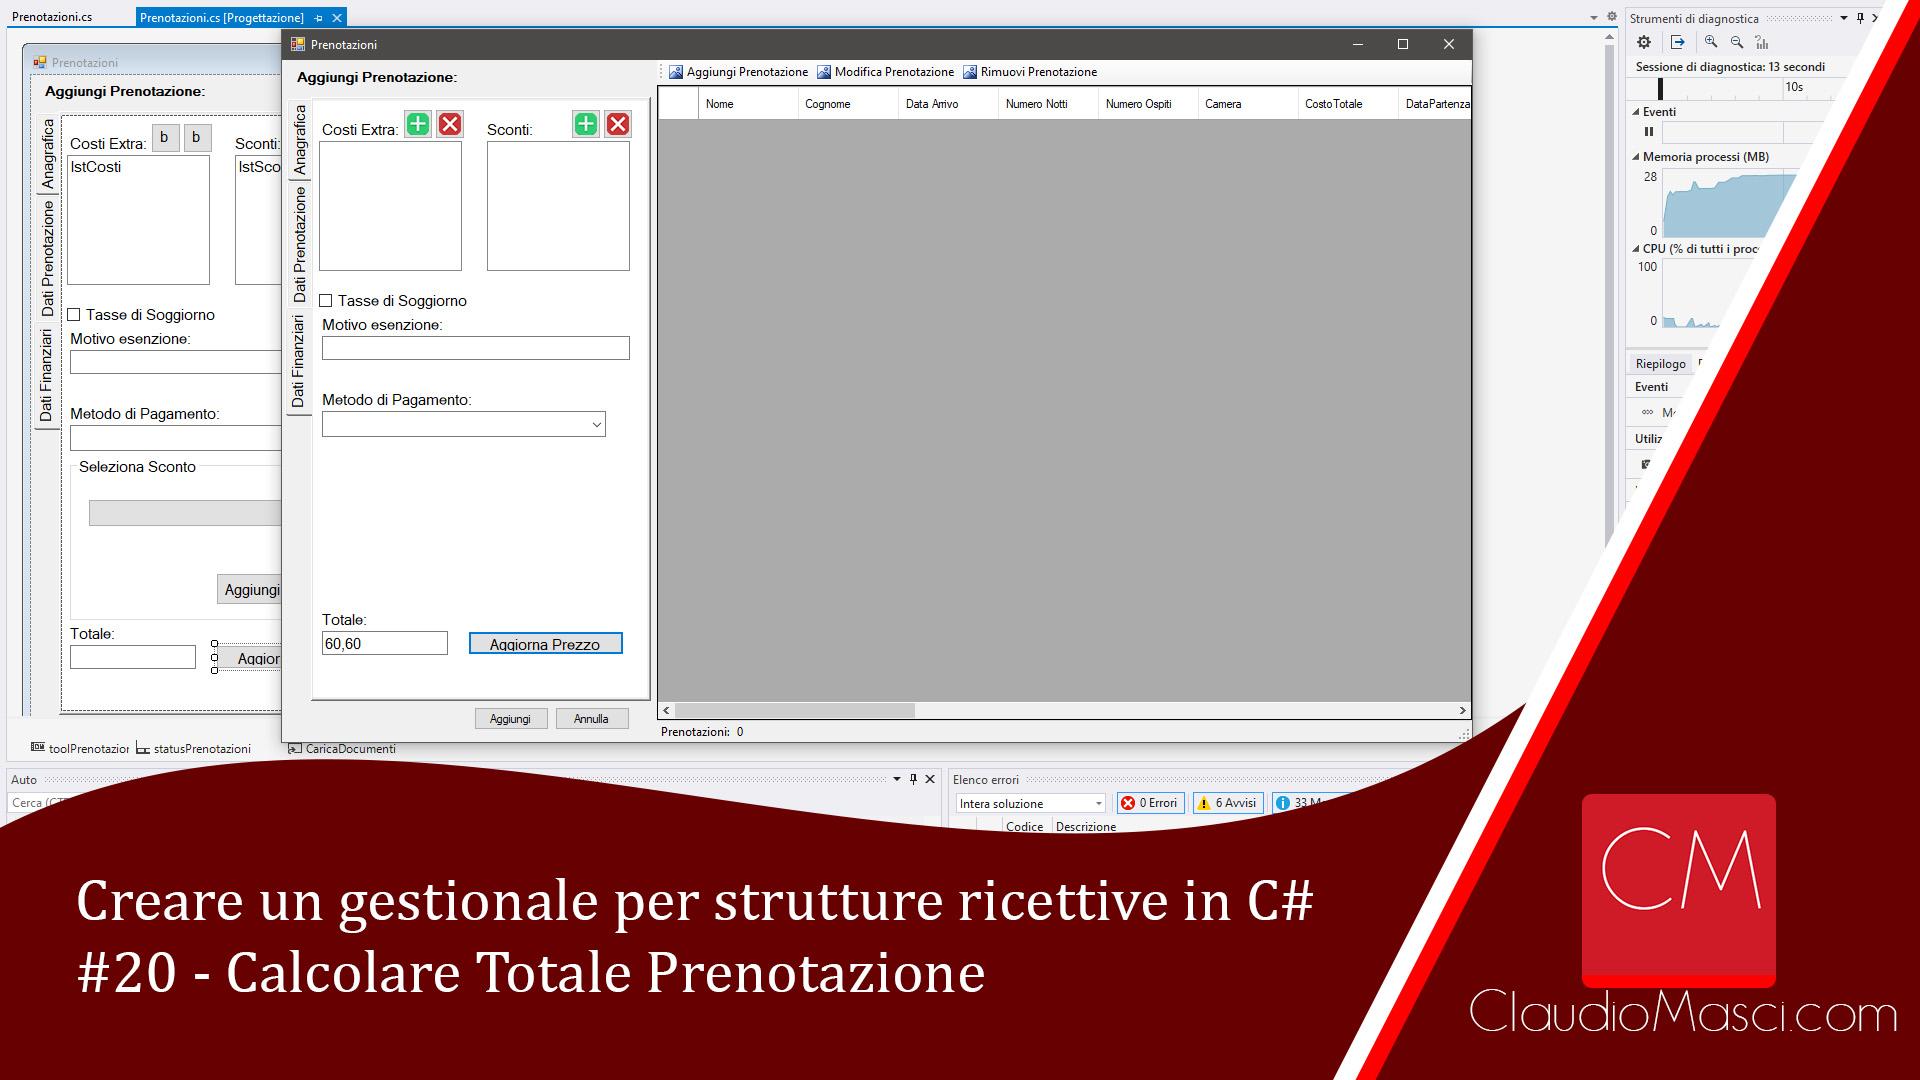 Creare un gestionale per strutture ricettive in C# – 20 – Calcolare Totale Prenotazione